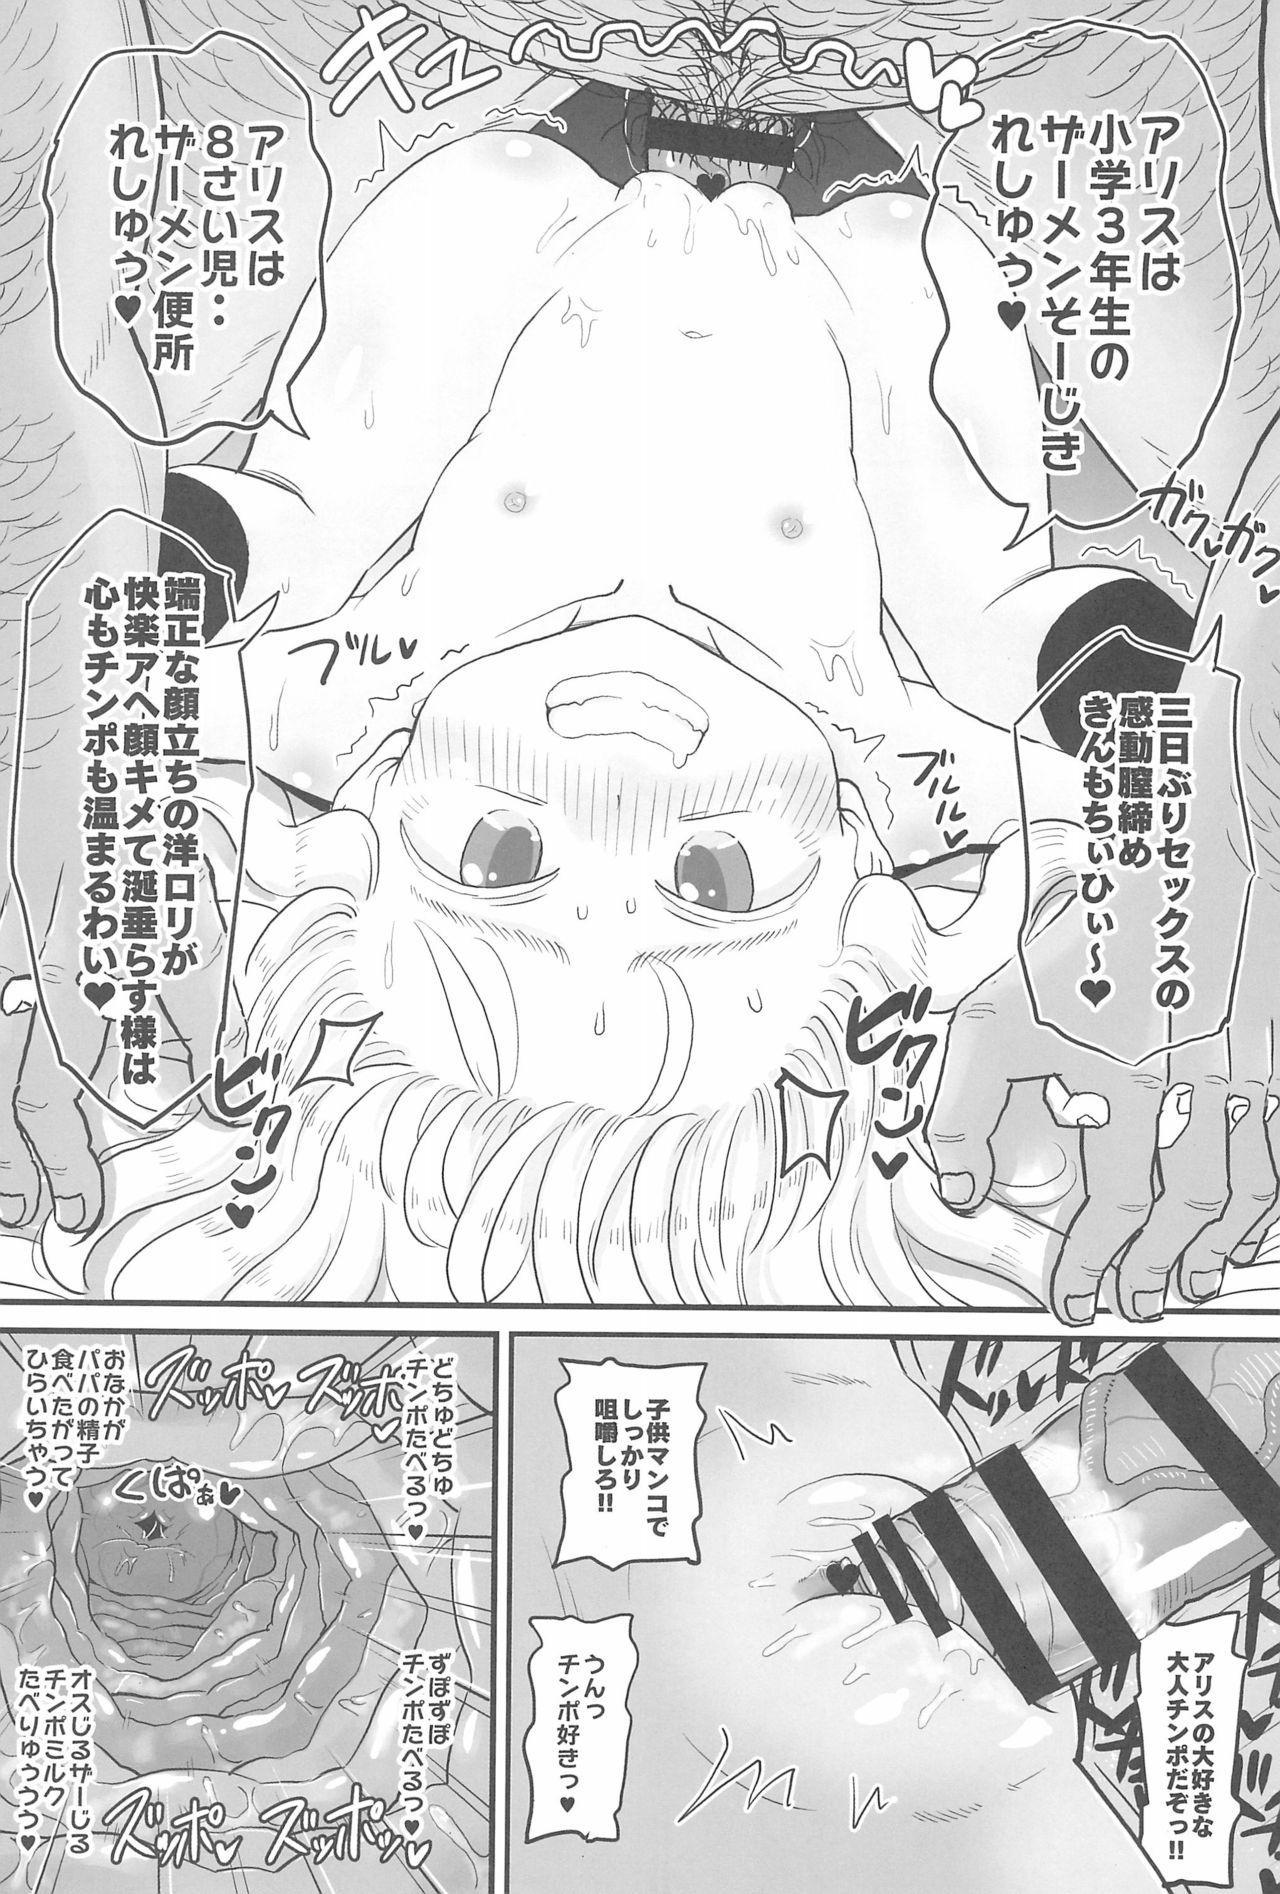 (C97) [botibotiikoka (takku)] Manamusume no Arisu-chan (8yo) ga Rippa na Chinpo-case ni Sodachimashita 18